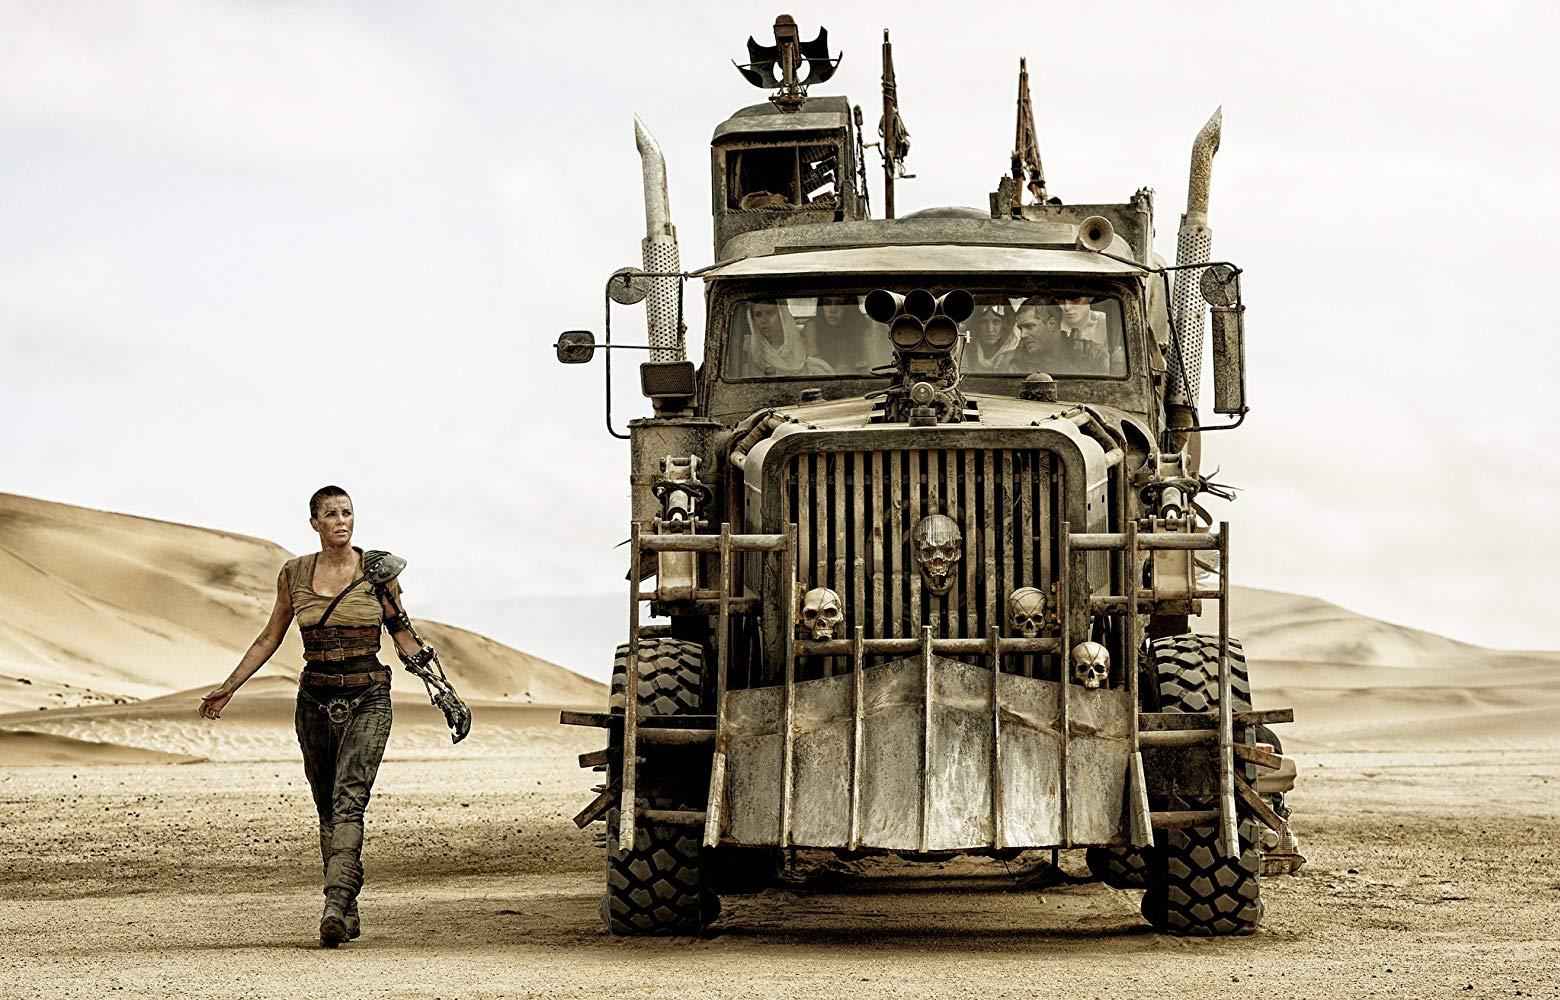 از آنجایی که این فیلم هنوز در مراحل اولیه تولید قرار دارد، نمی توان در مورد تاریخ انتشار دنباله «مکس دیوانه: جاده خشم» (Max Mad: Fury Road) صحبت دقیقی داشت.